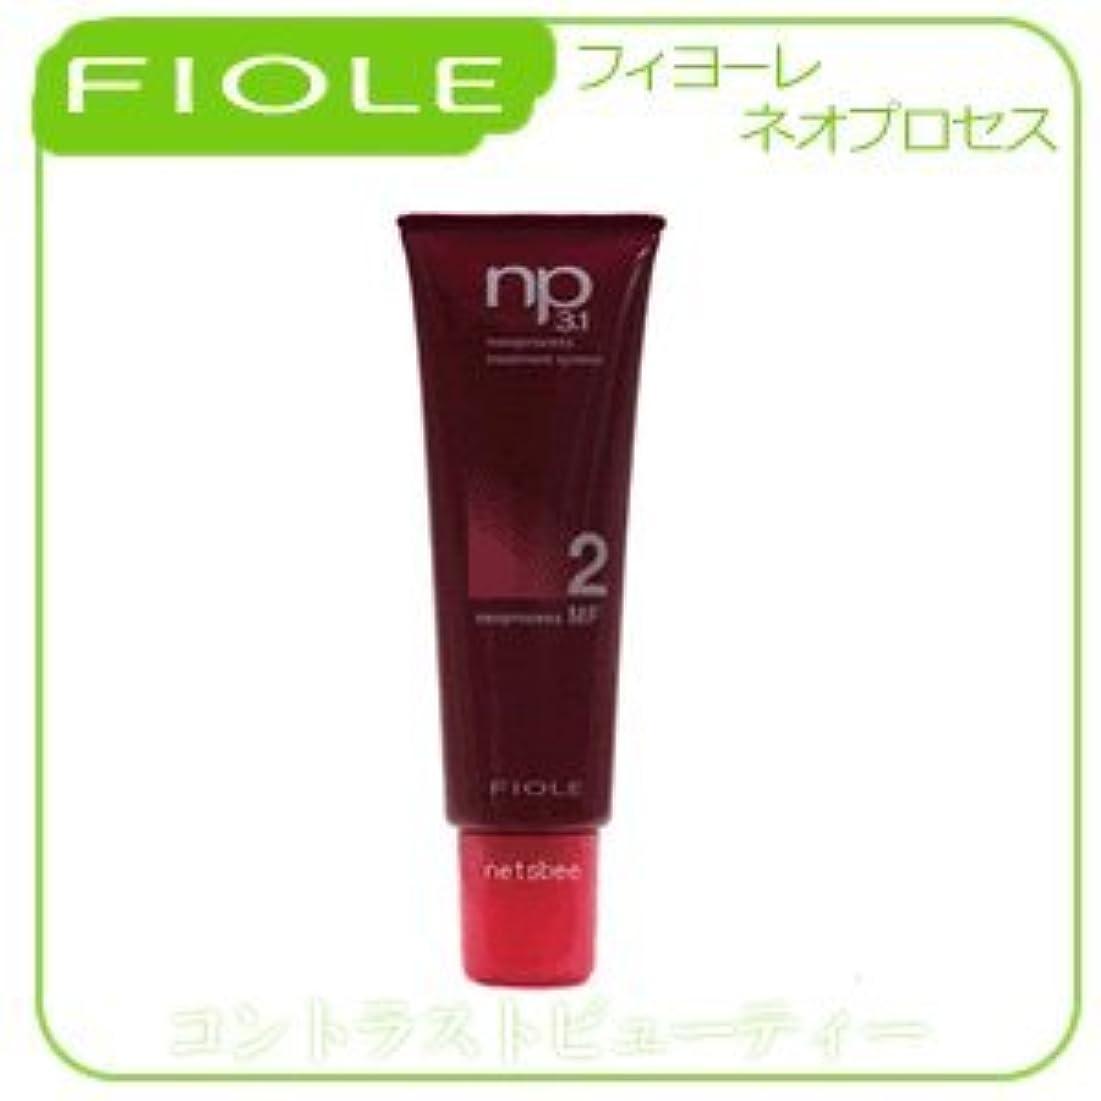 エクステントしおれた時系列【X3個セット】 フィヨーレ NP3.1 ネオプロセス MF2 130g FIOLE ネオプロセス